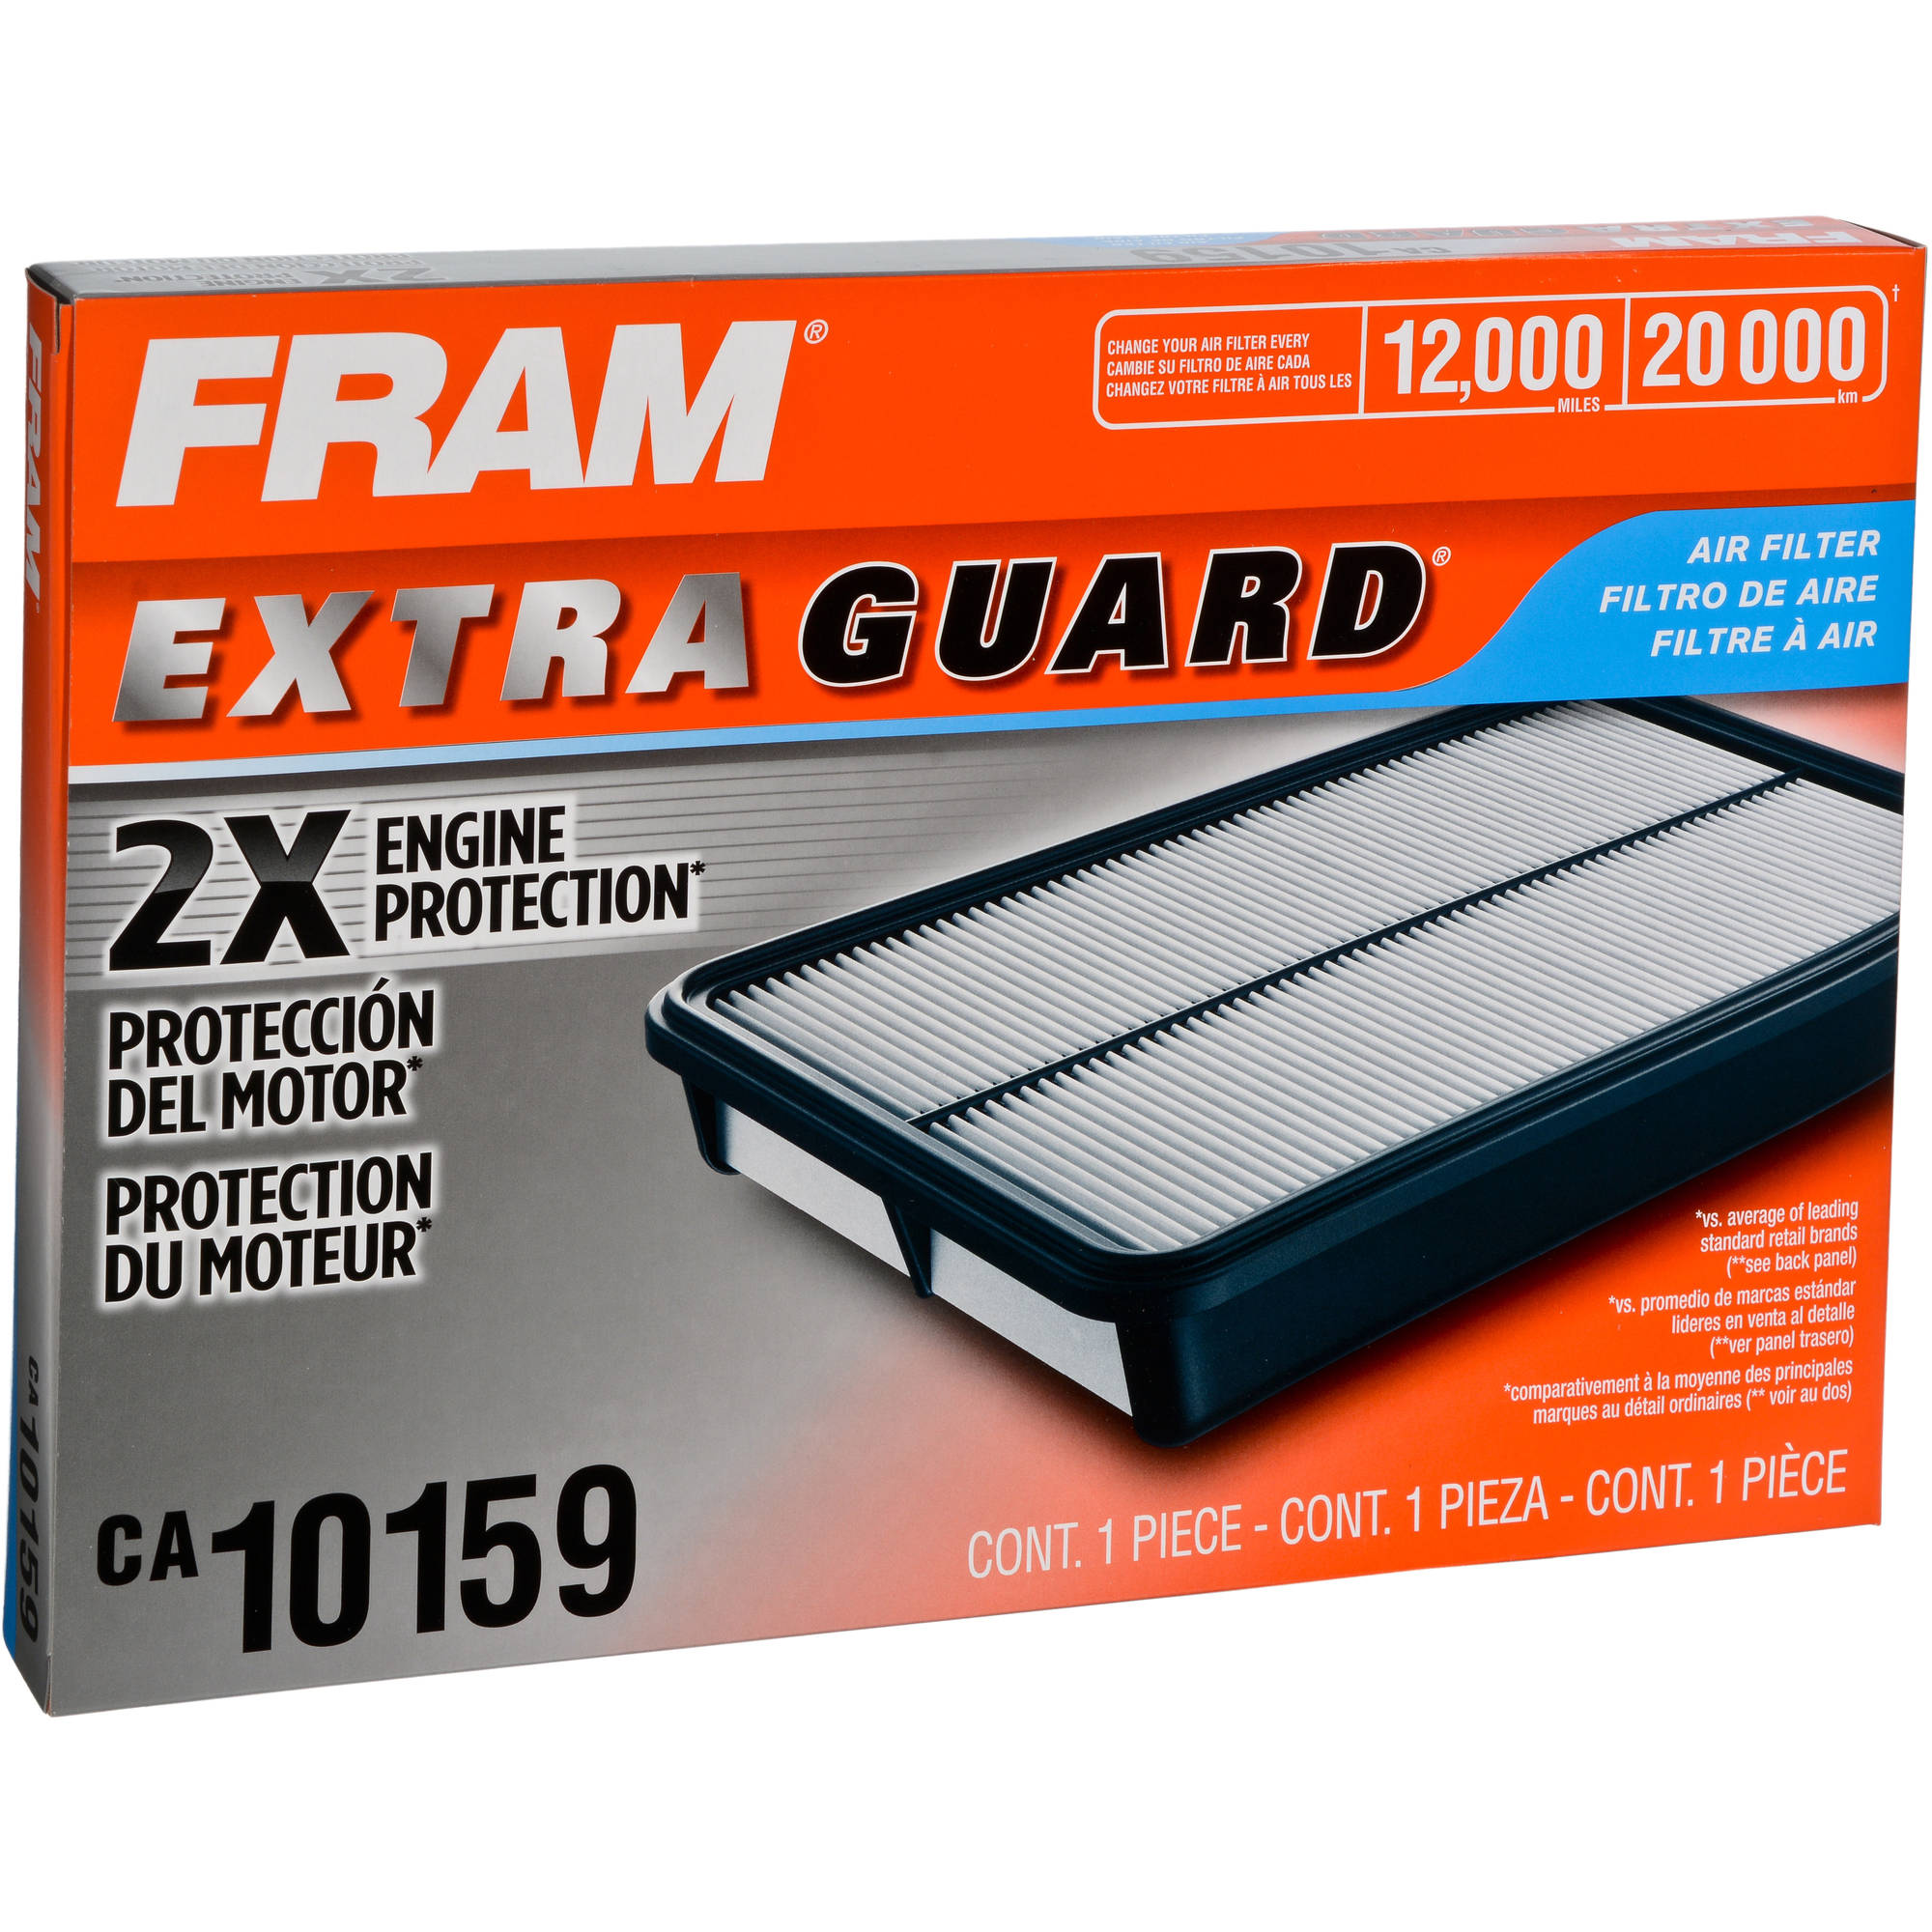 FRAM Extra Guard Air Filter, CA10159 by FRAM